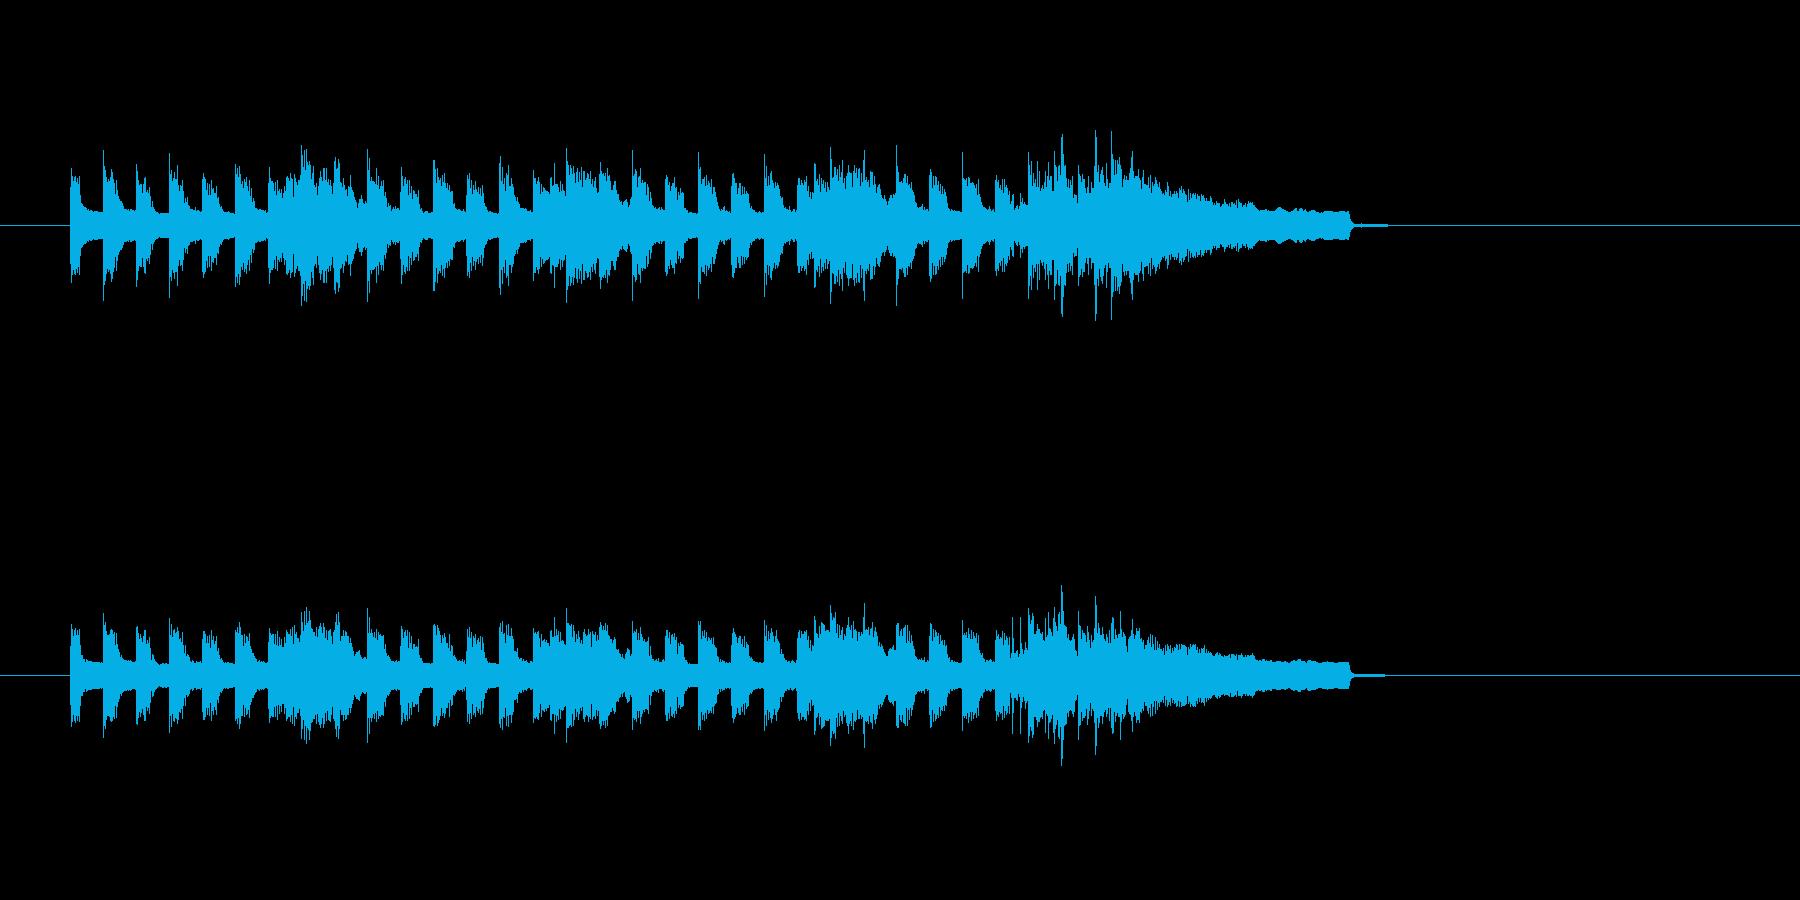 シンセサイザー ほのぼの 怪しい 奇妙の再生済みの波形